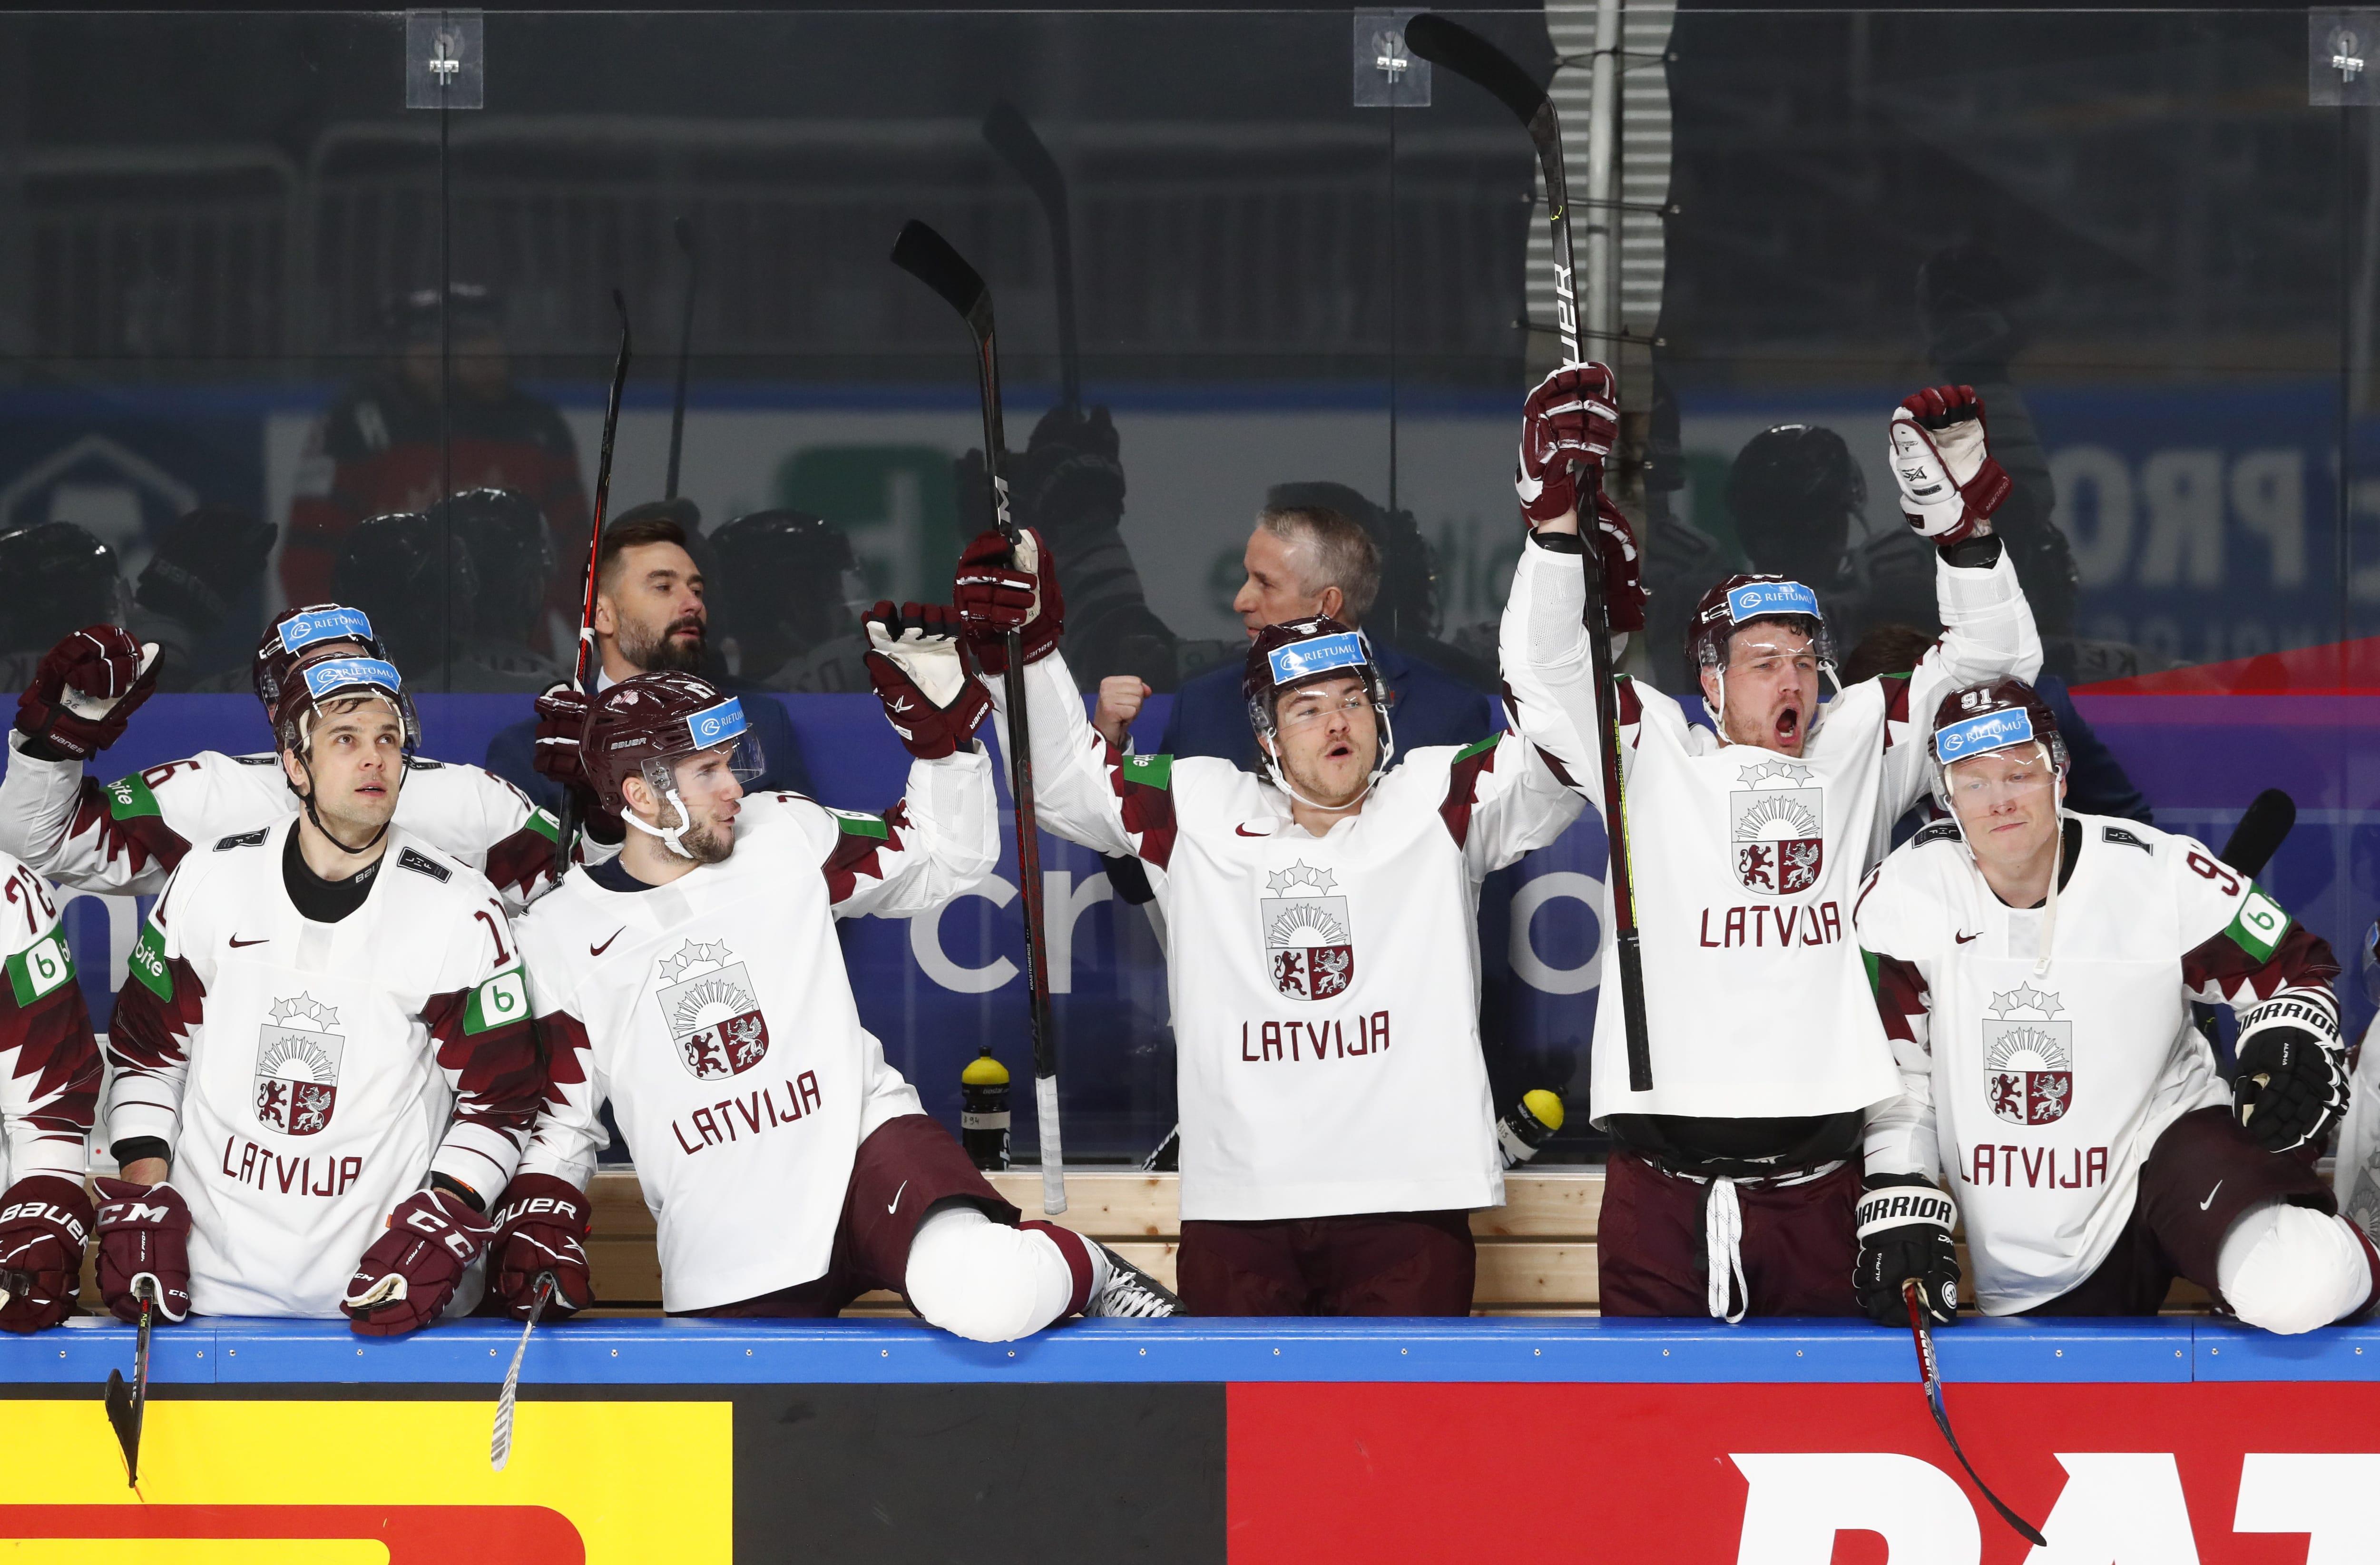 Vājākie Rīgā sit spēcīgos! Septiņi vēsturiski brīži trijās čempionāta dienās